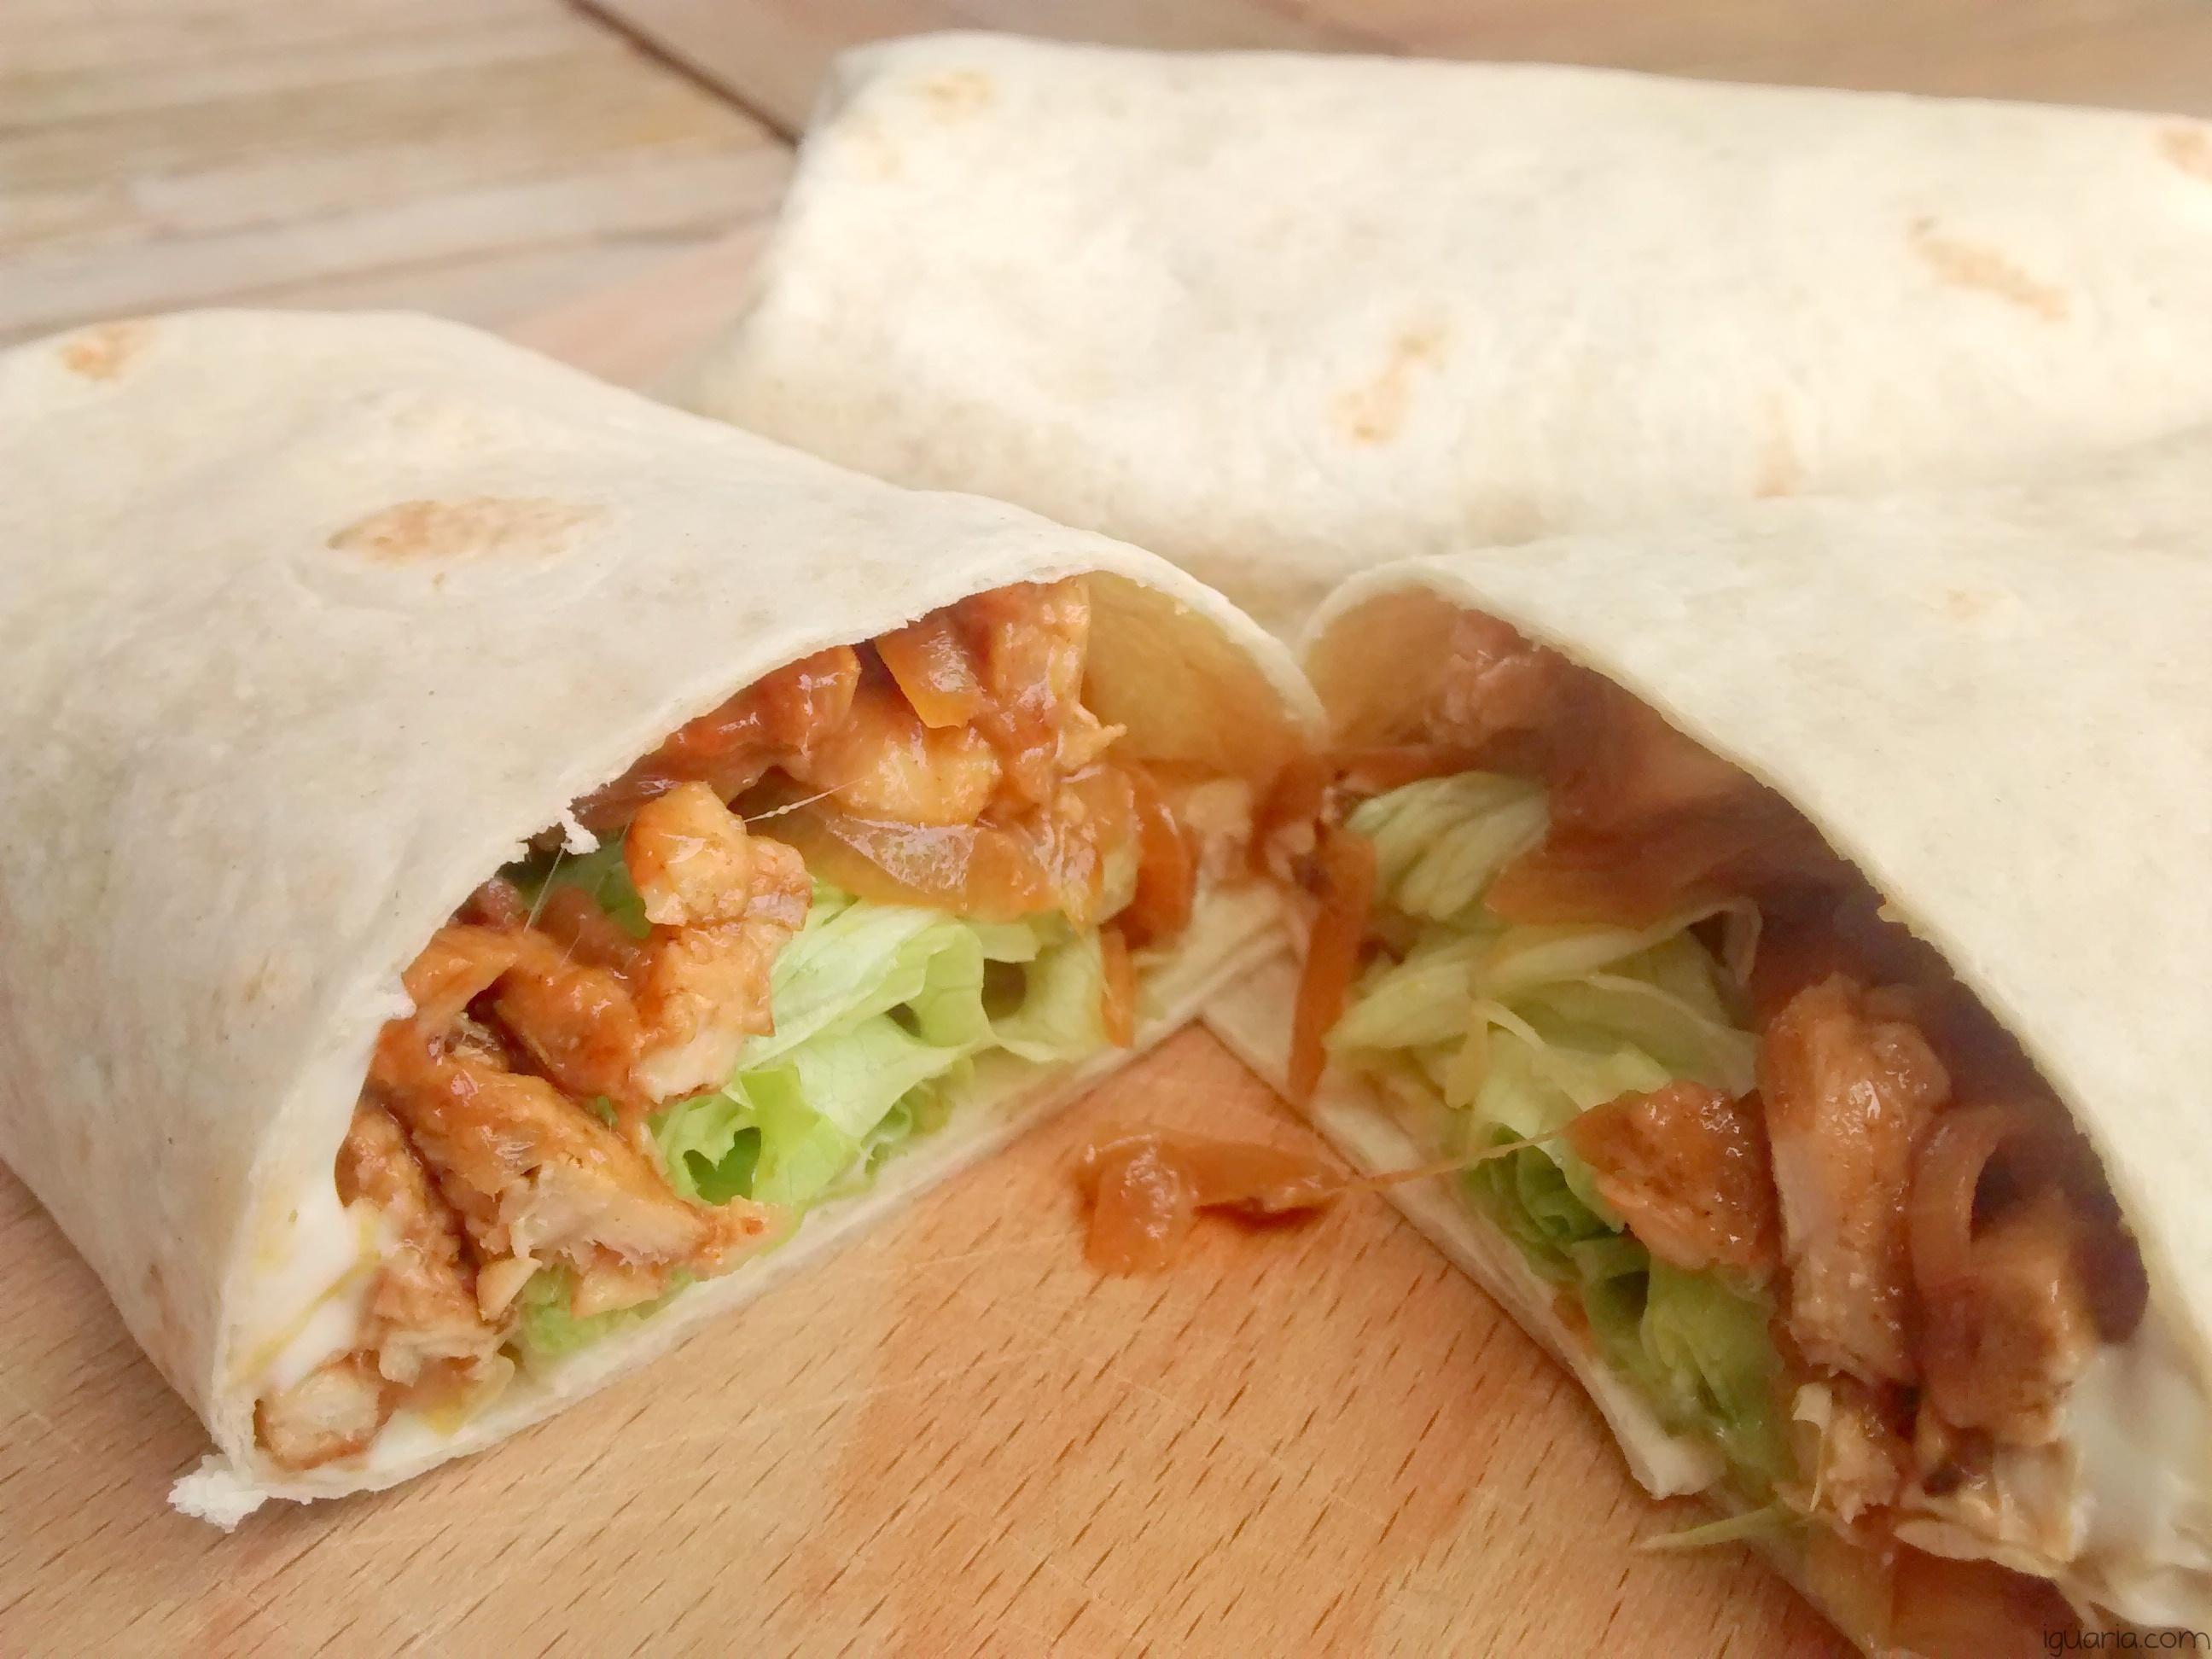 Iguaria_Wrap-de-Carne-com-Queijo-e-Salada